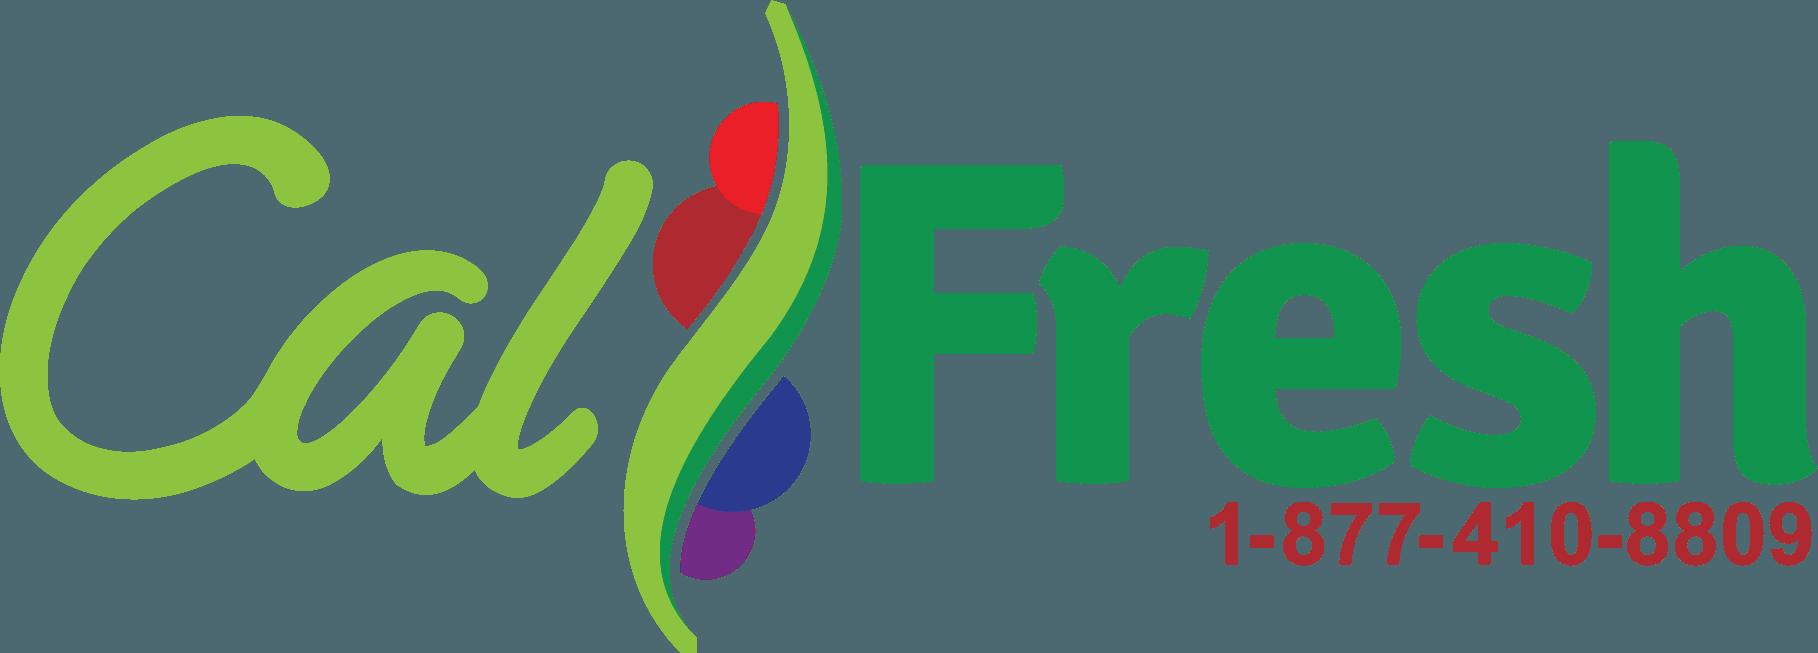 CalFresh, better food for better living, 877-410-8809